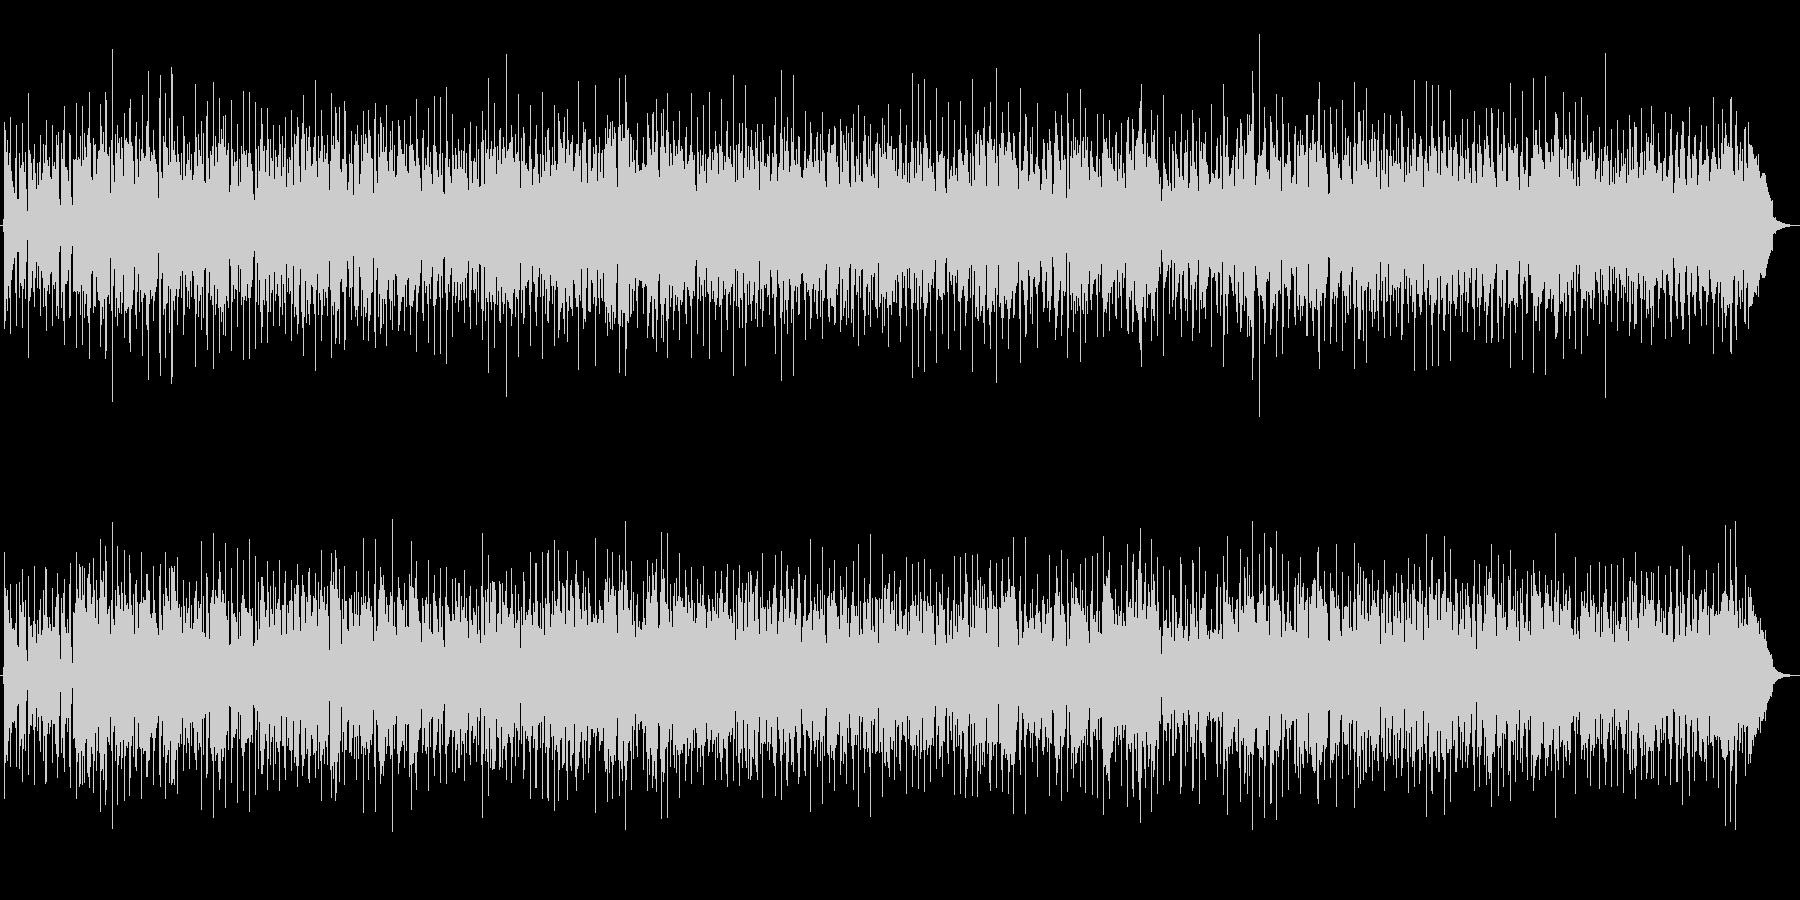 ユーロビート風な映像用BGMの未再生の波形